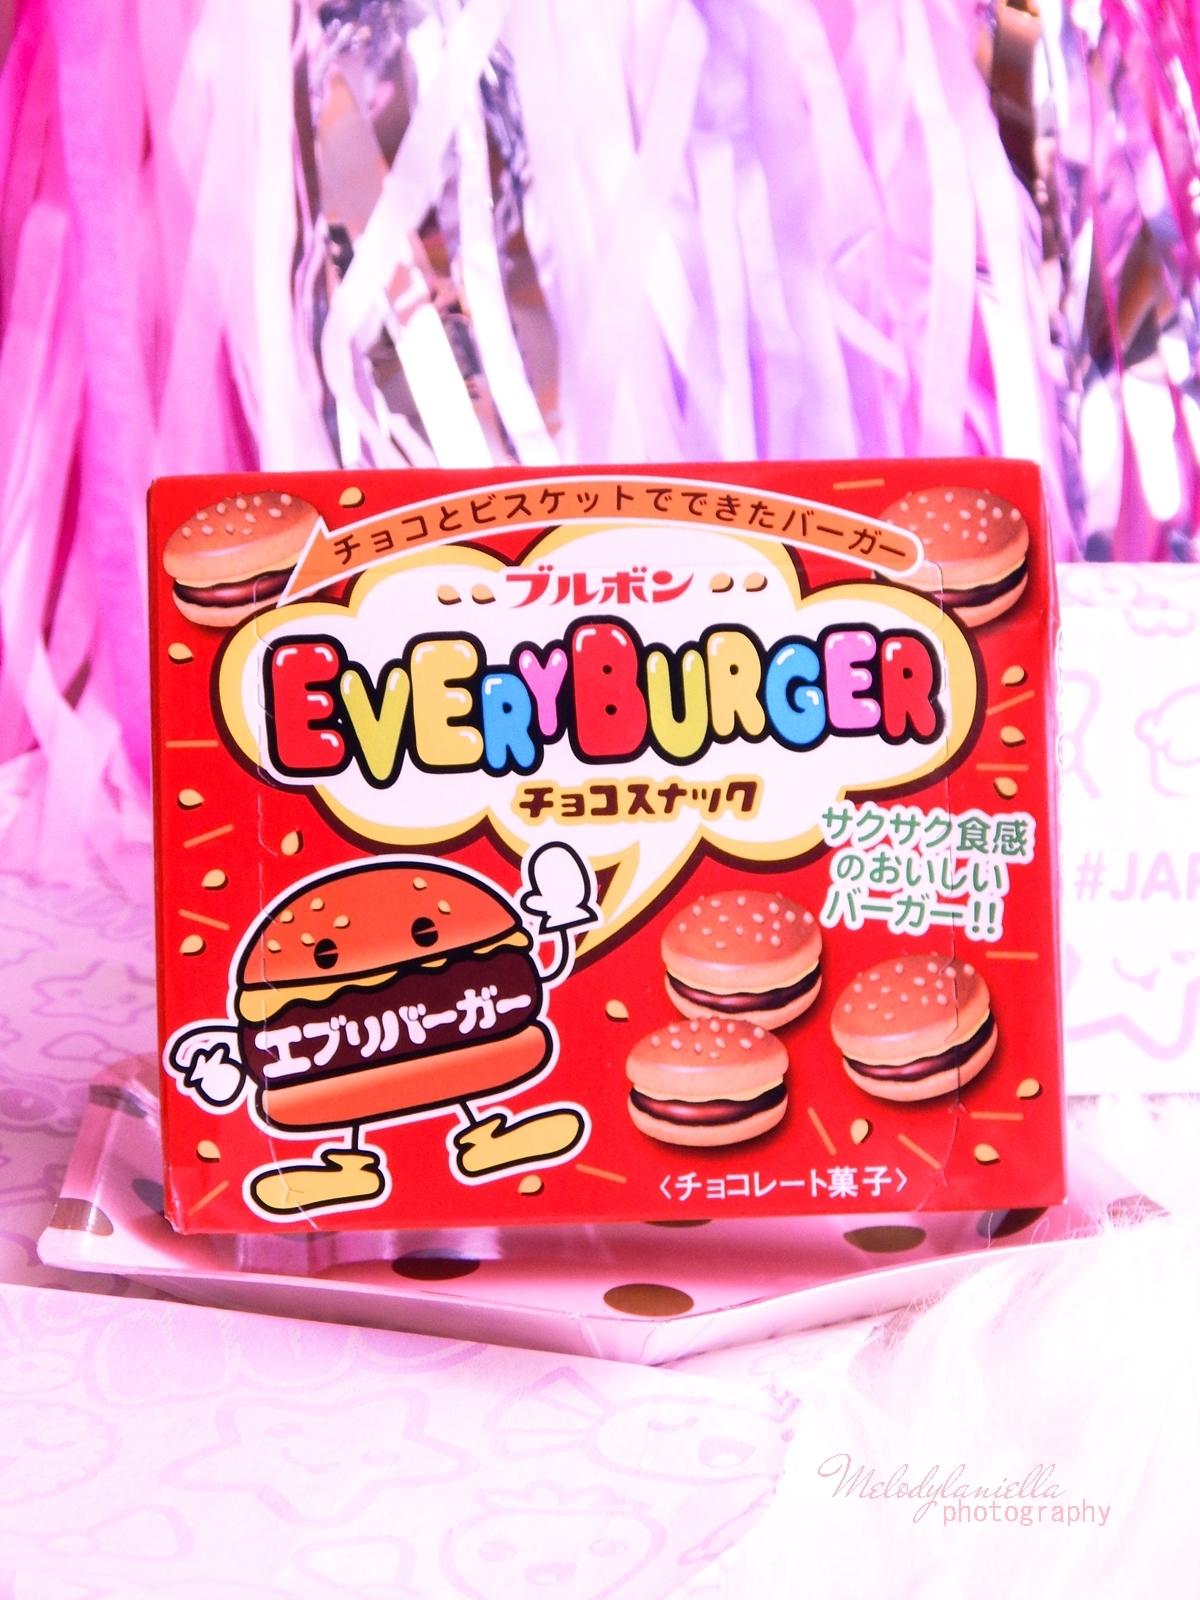 7 melodylaniella photography partybox japan candy box pudełko pełne słodkości z japonii azjatyckie słodycze ciekawe jedzenie z japonii cukierki z azji boxy z jedzeniem bourbon every burger chocolate cook